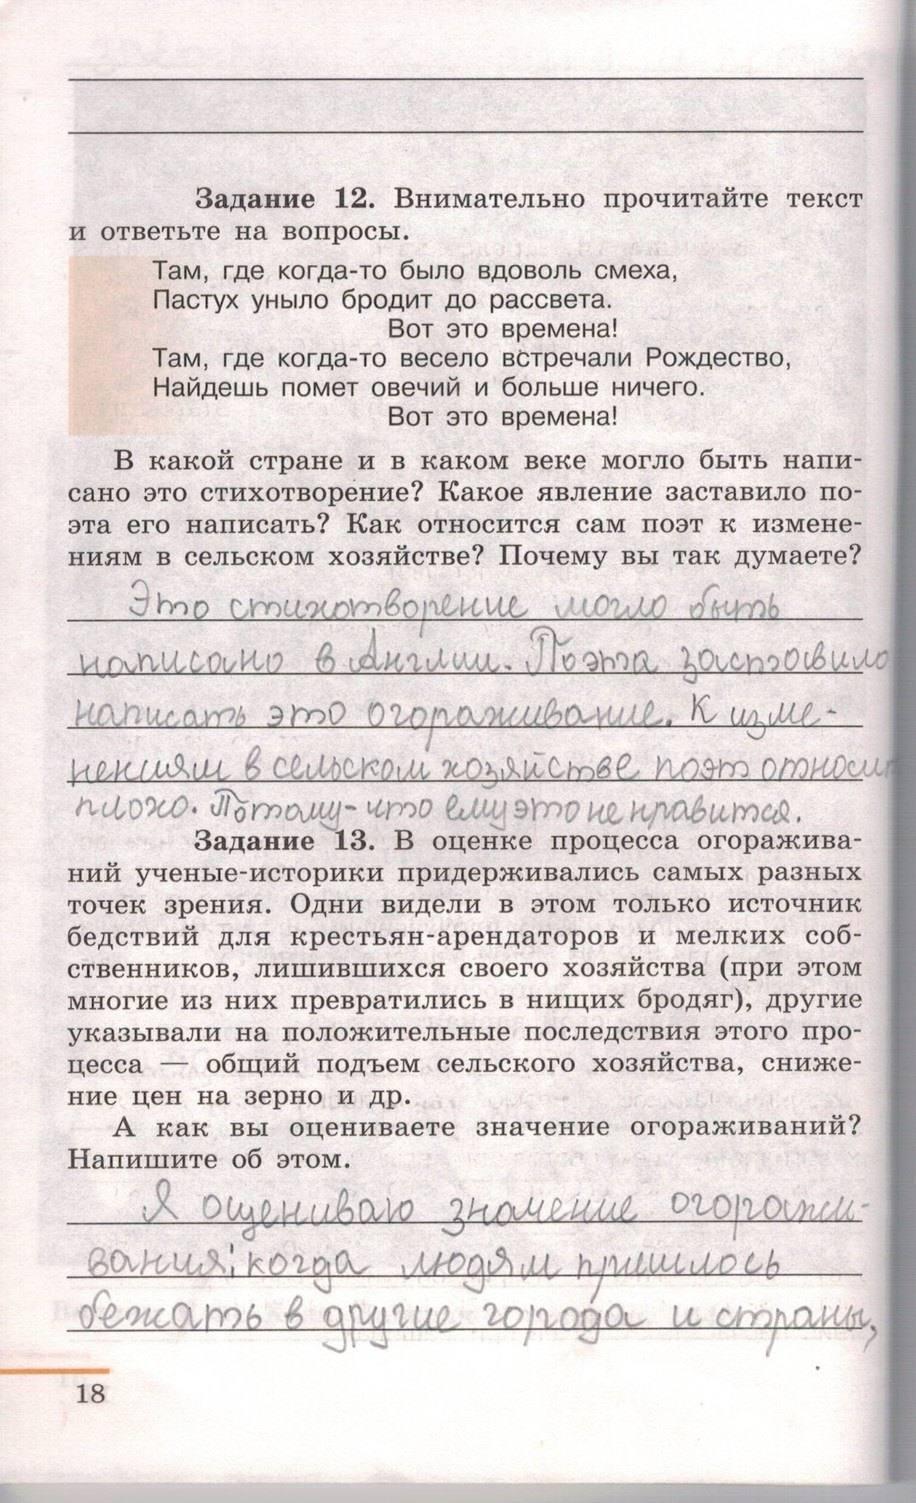 Истории гдз юдовская по 1500-1800 7 класс новая история